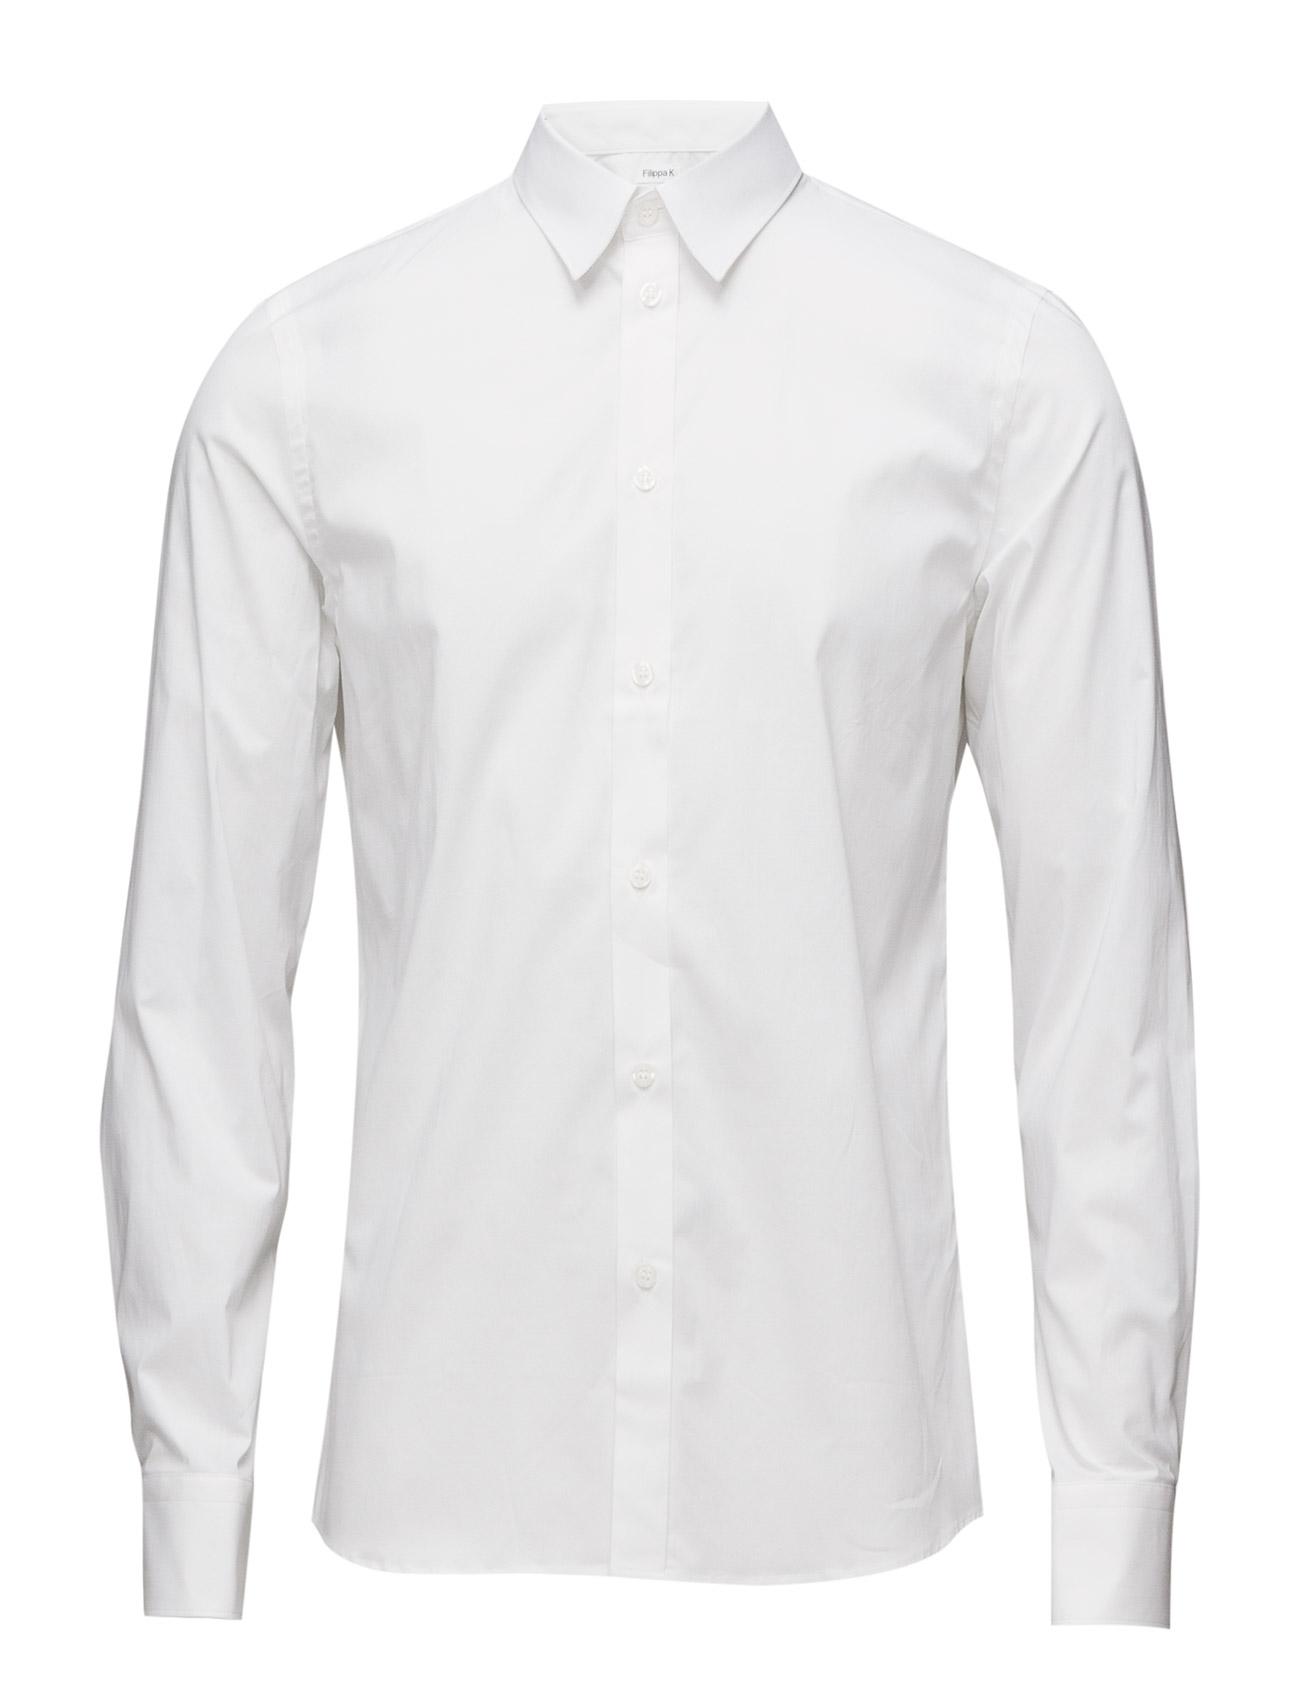 M. Paul Stretch Shirt Filippa K Business til Mænd i Lyseblå